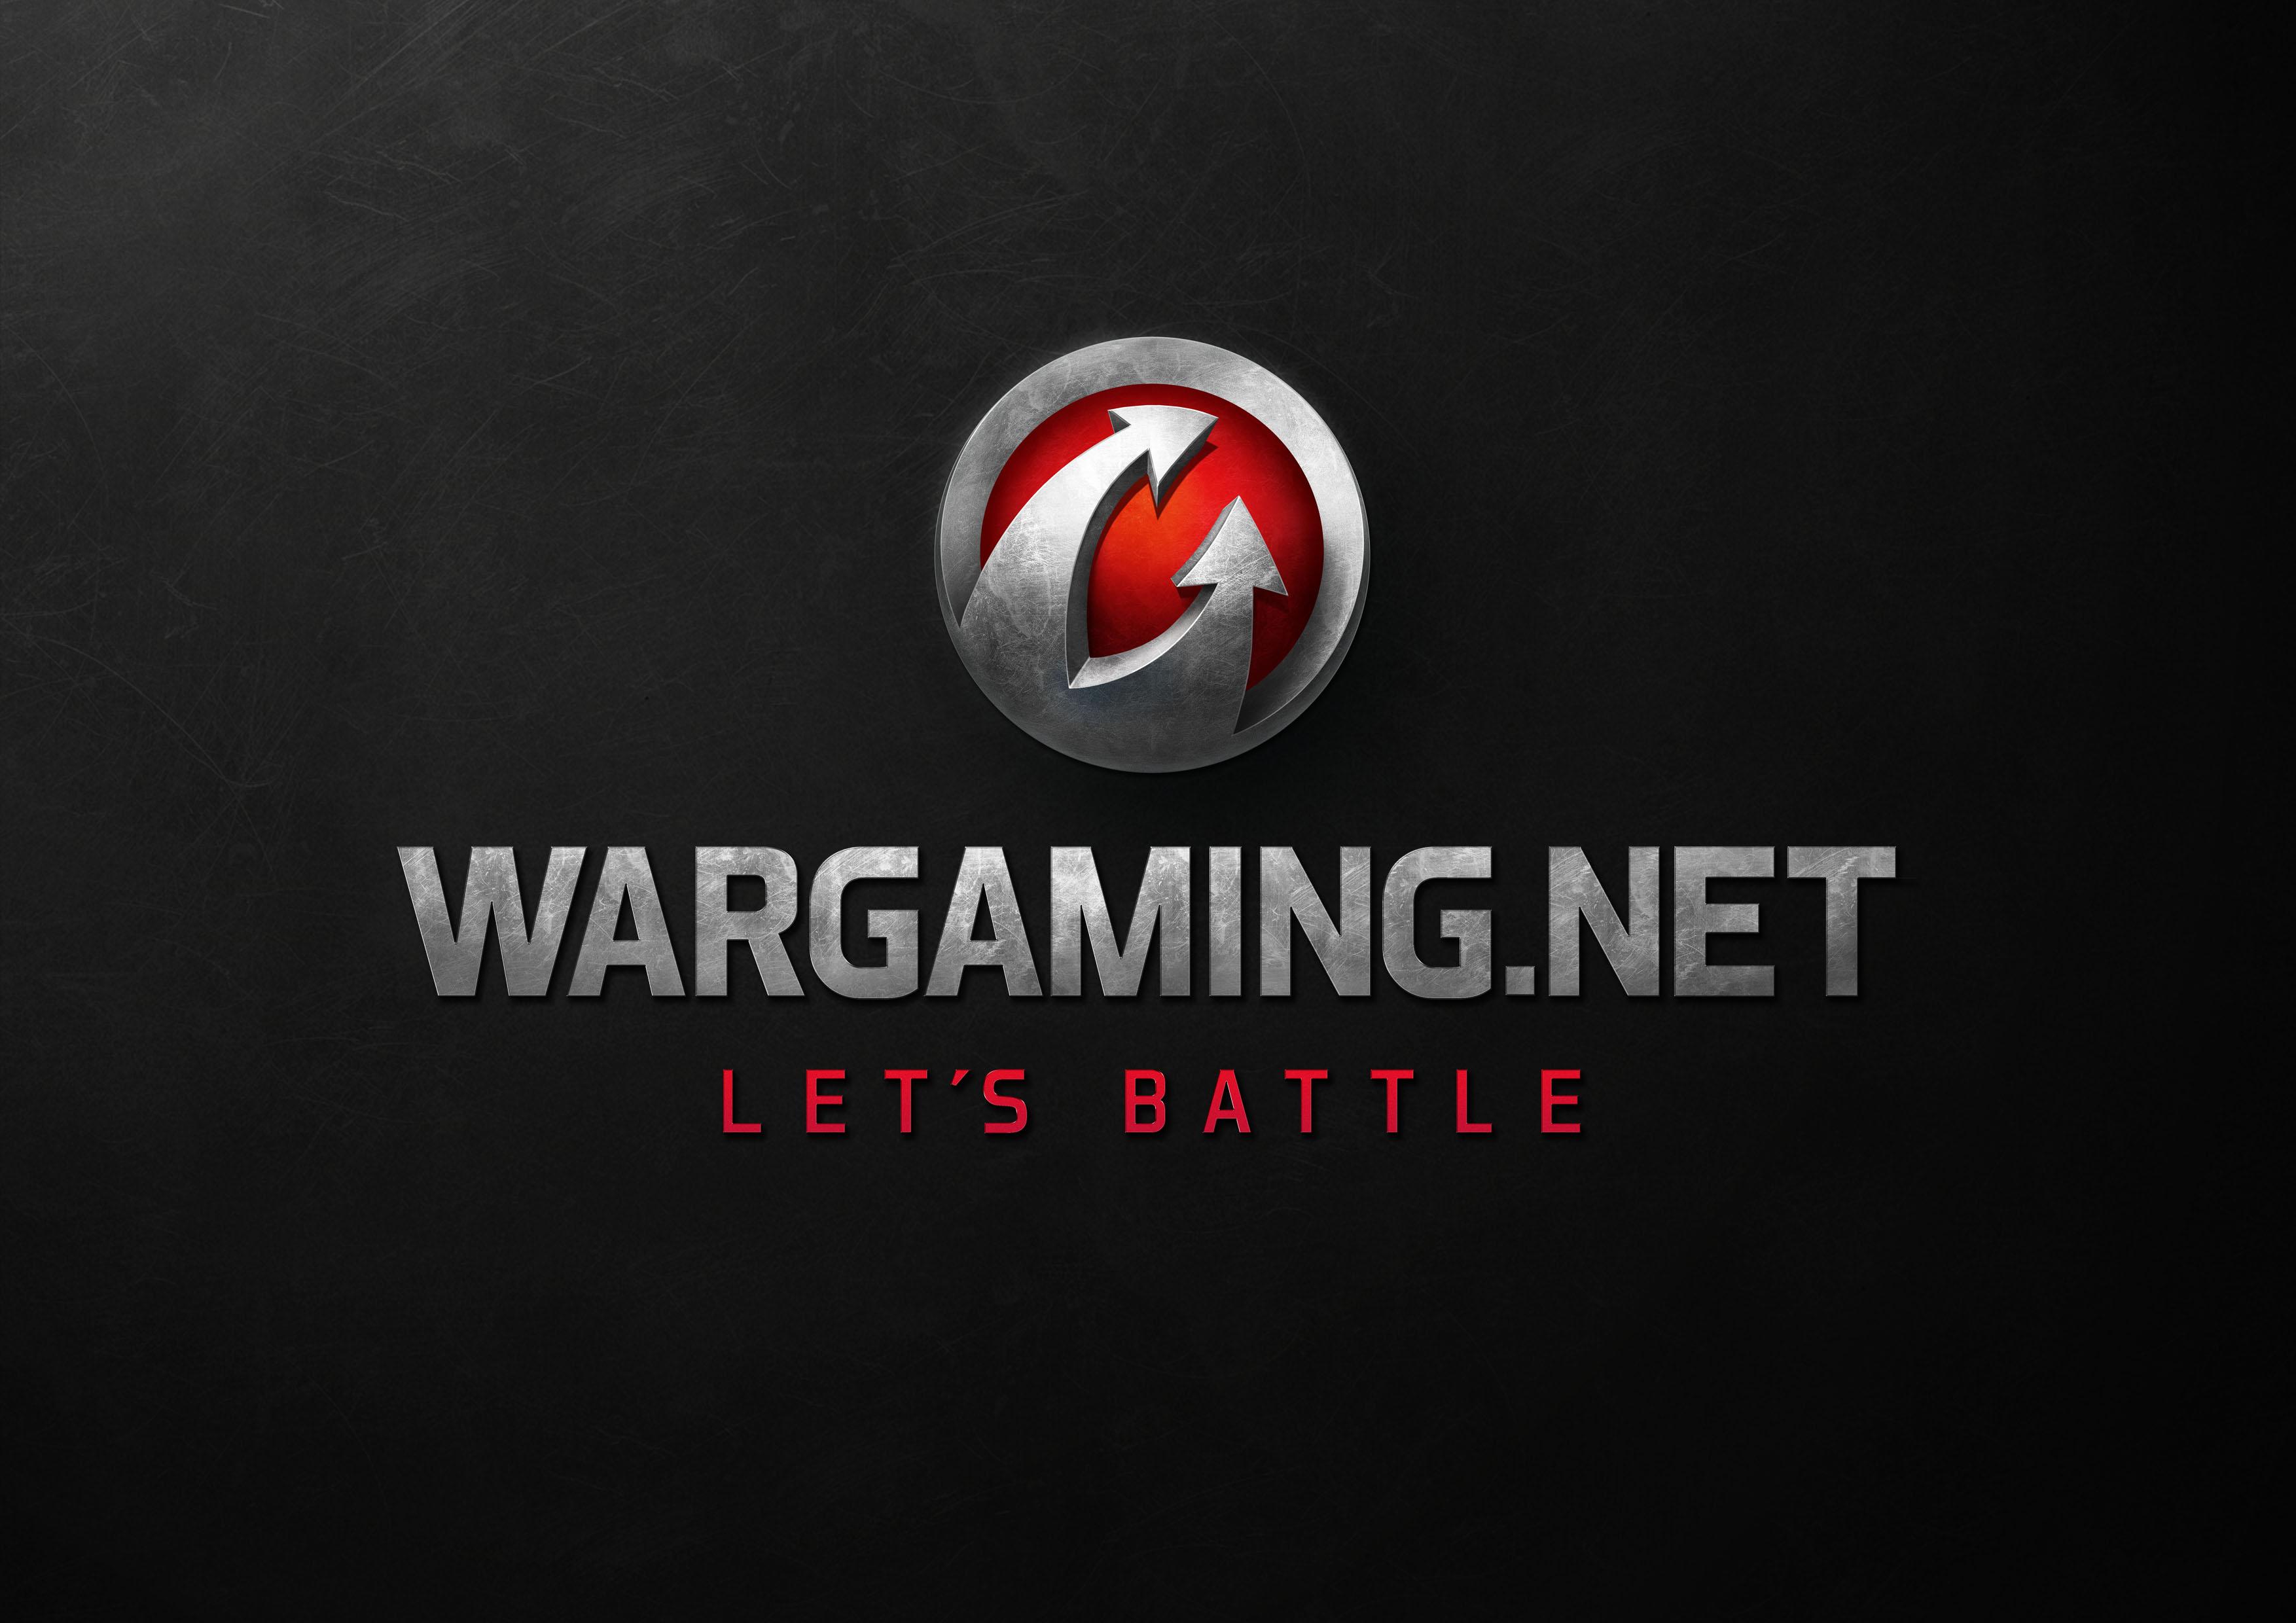 www.wargaming.net